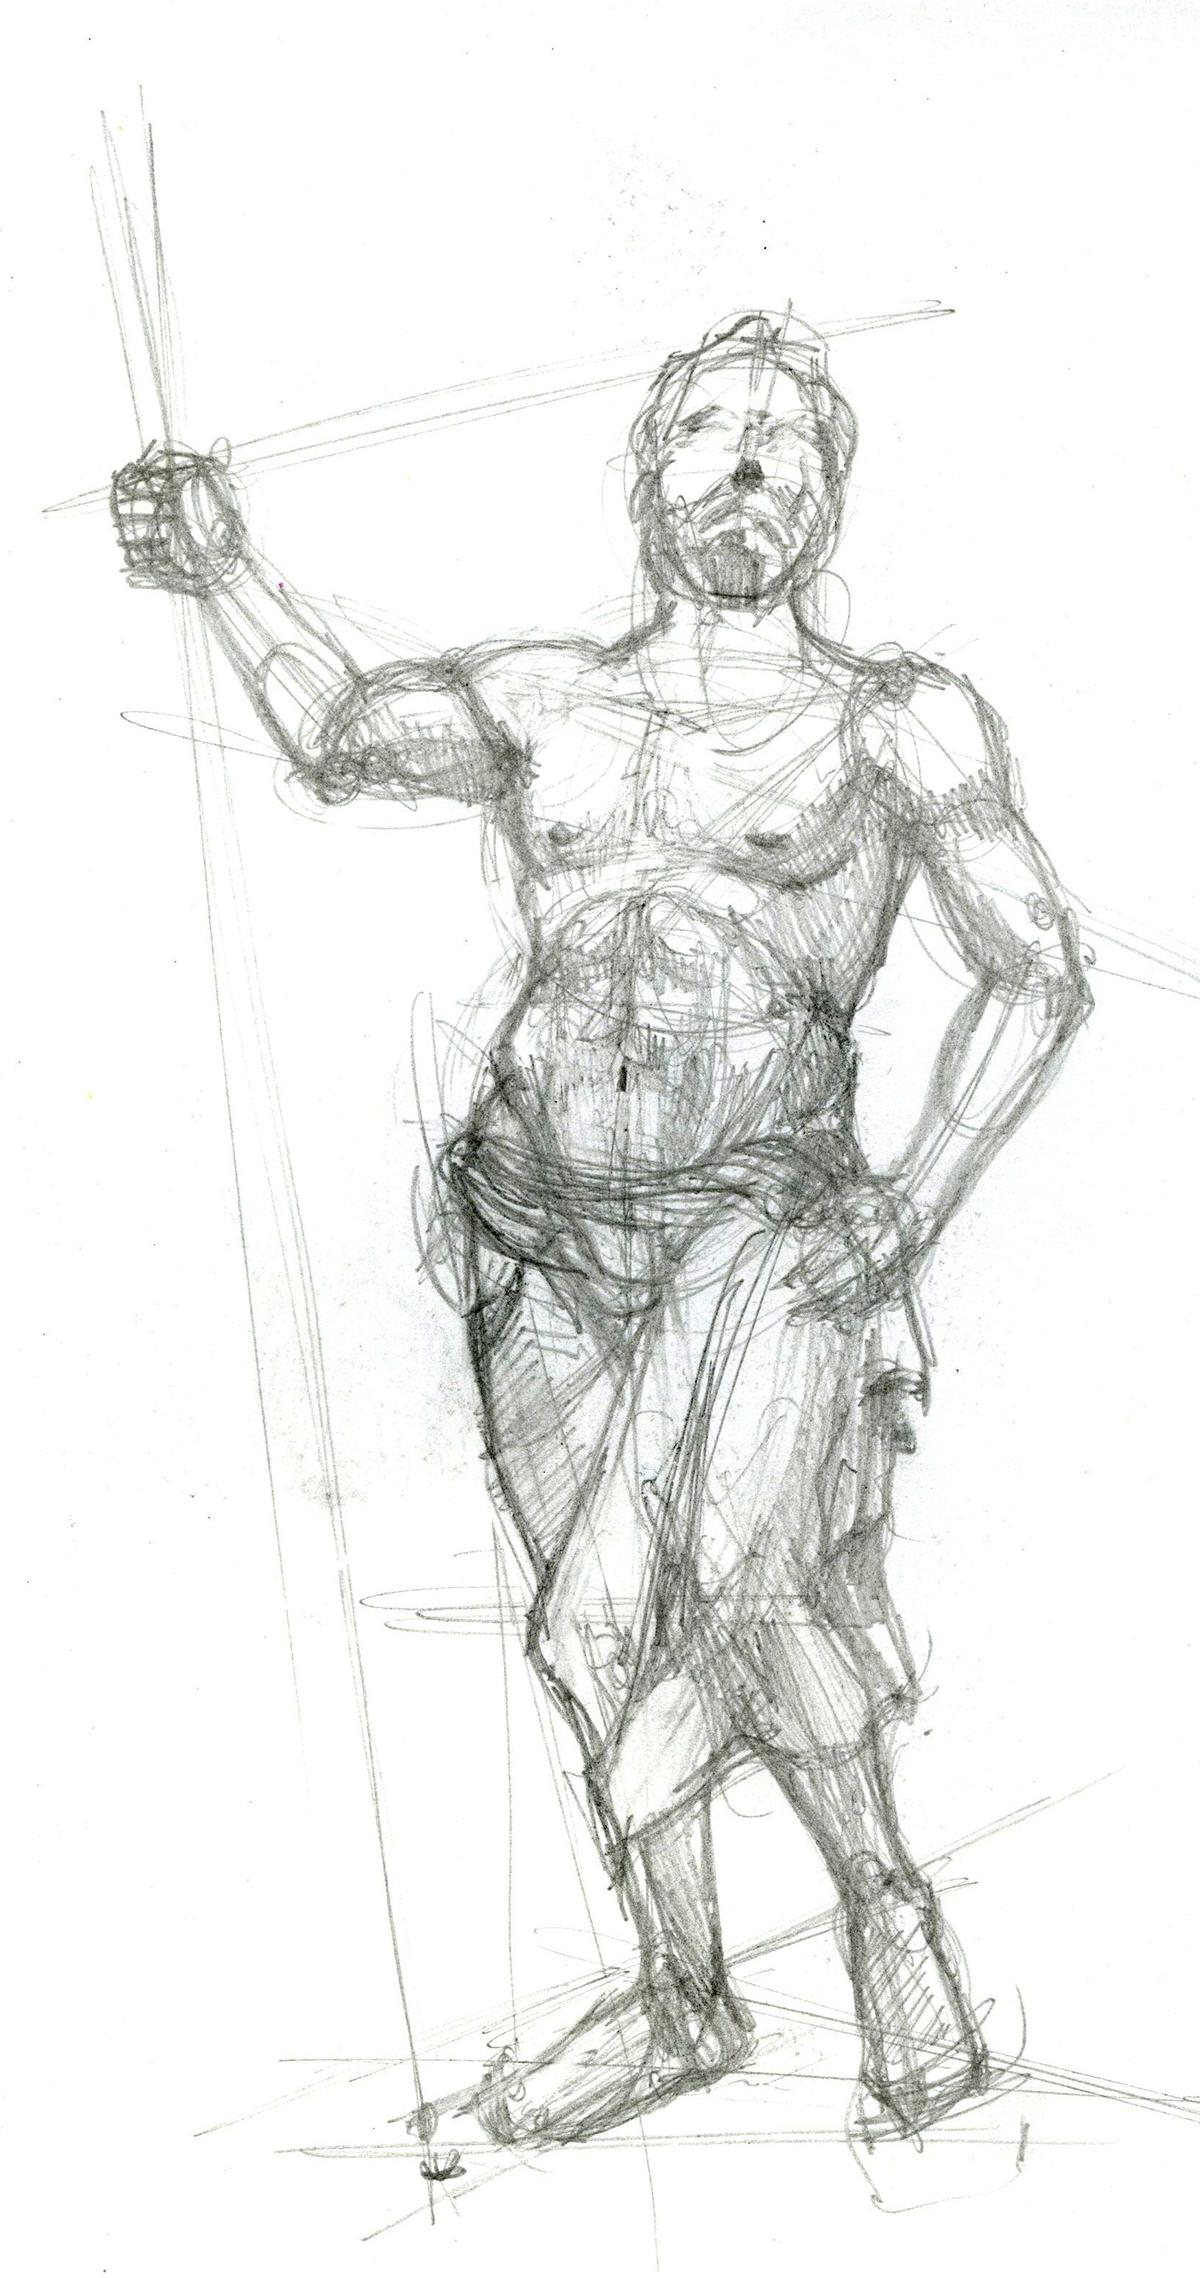 standingfigure1.jpg